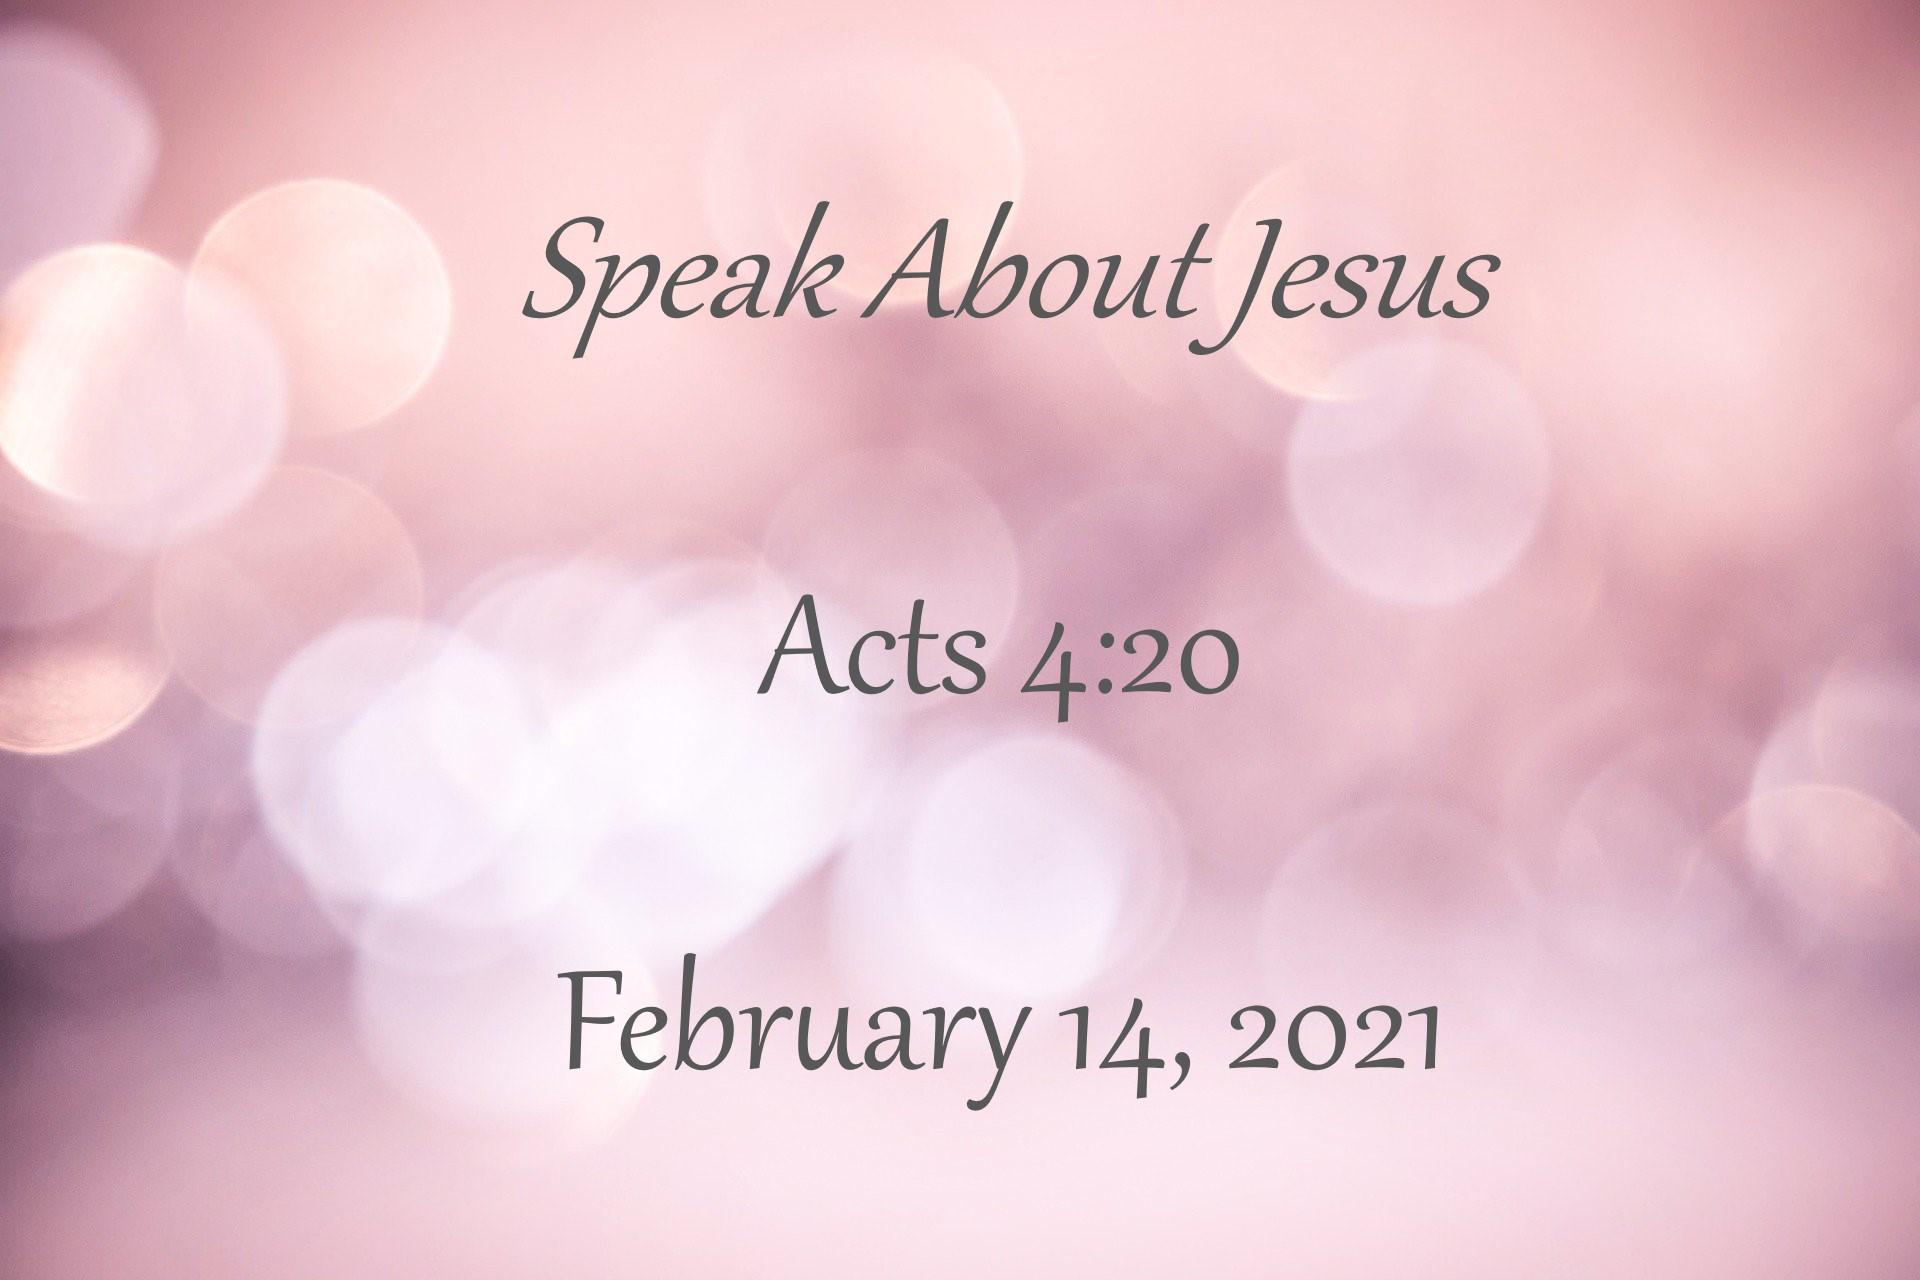 Speak About Jesus